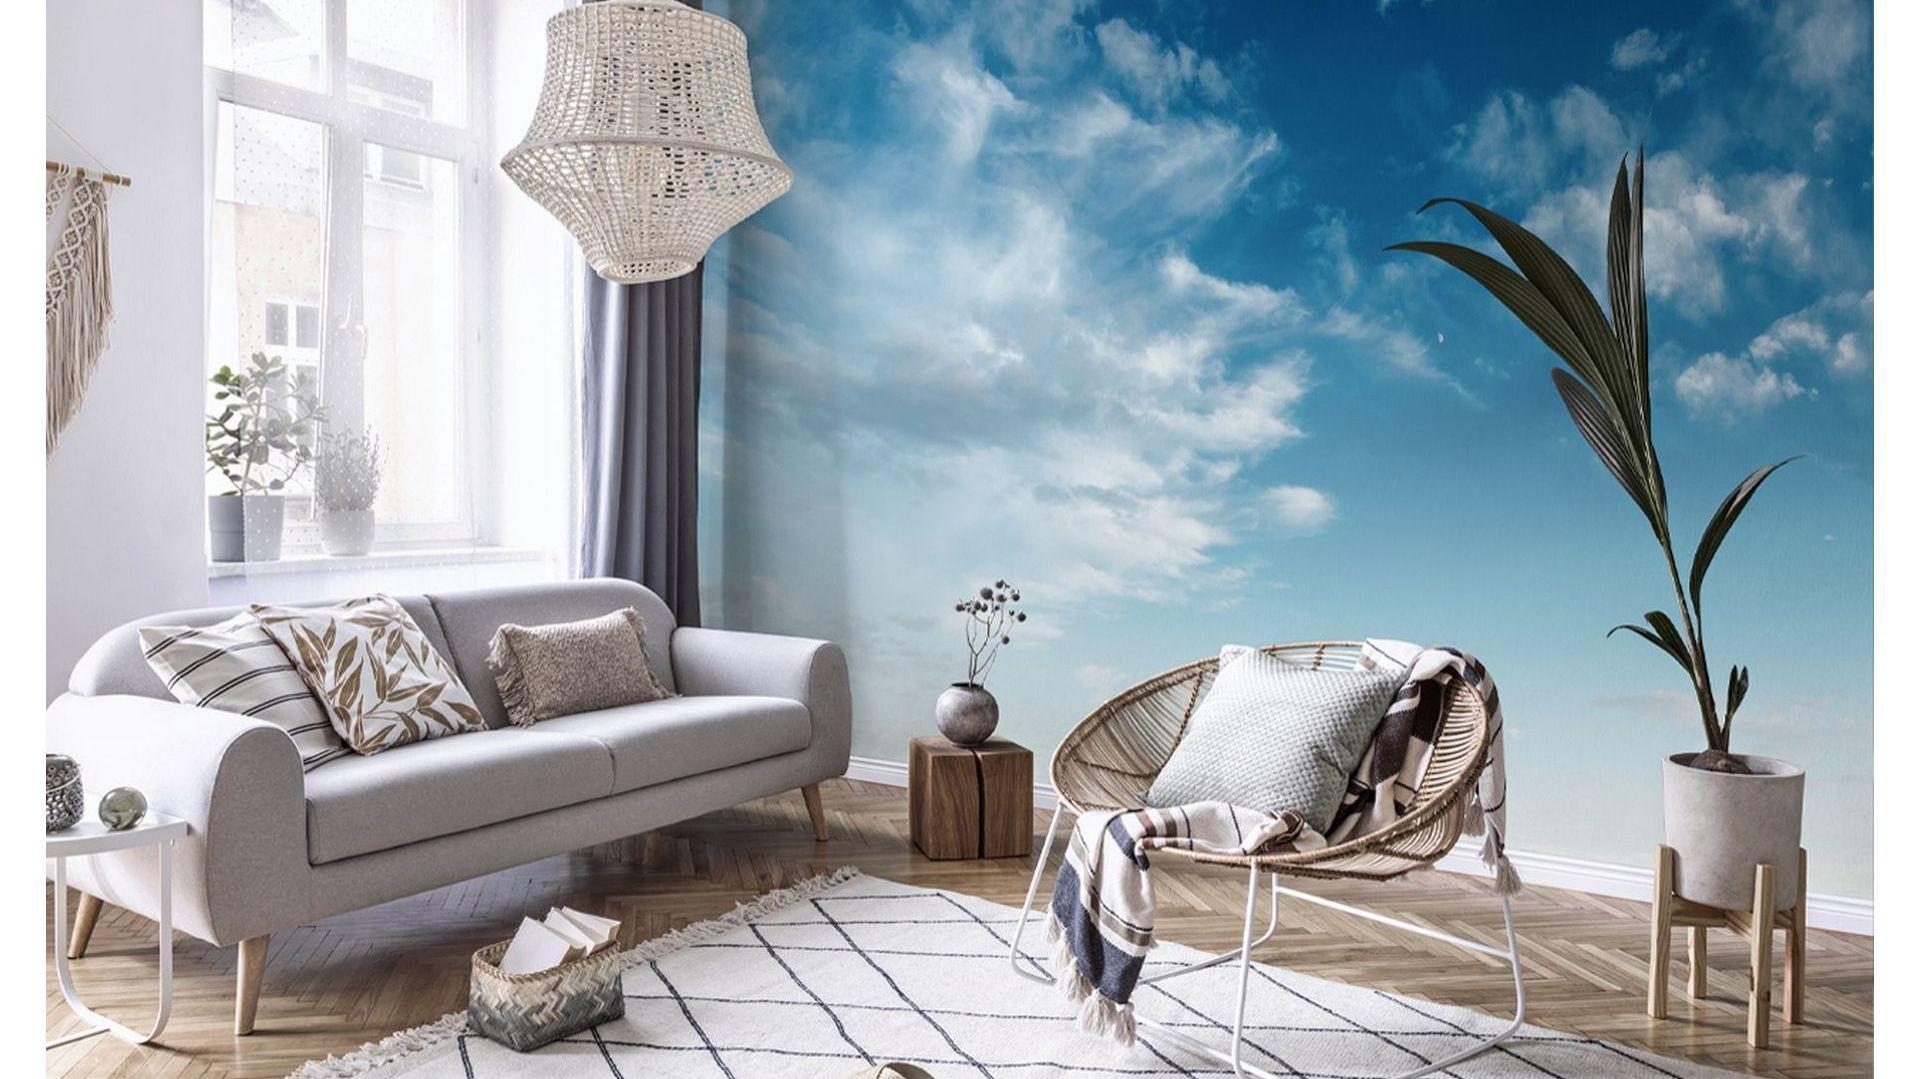 Fototapeta chmury w salonie. Fot. Redro